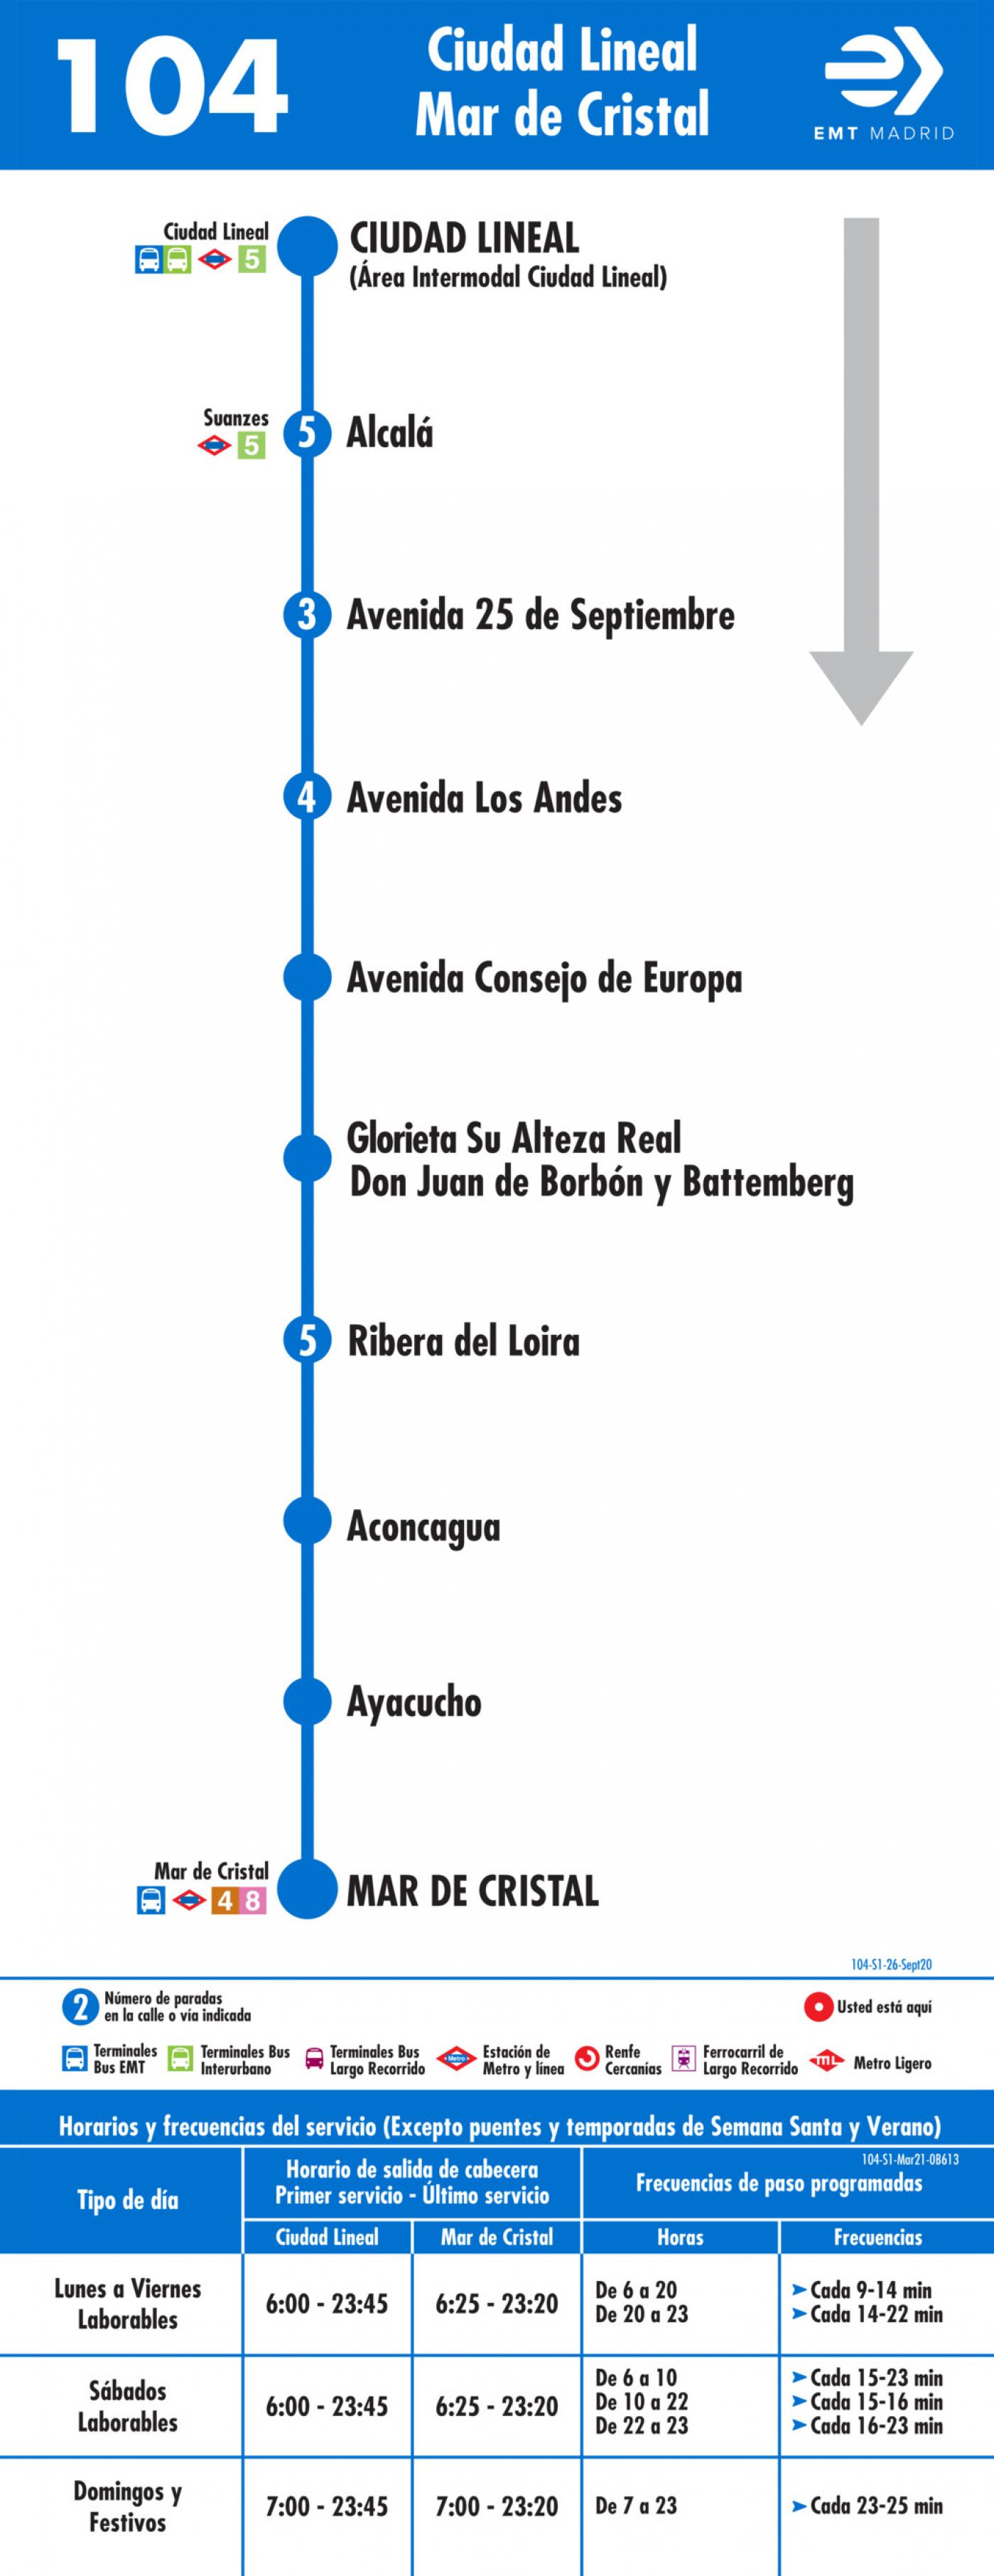 Tabla de horarios y frecuencias de paso en sentido ida Línea 104: Plaza de Ciudad Lineal - Mar de Cristal